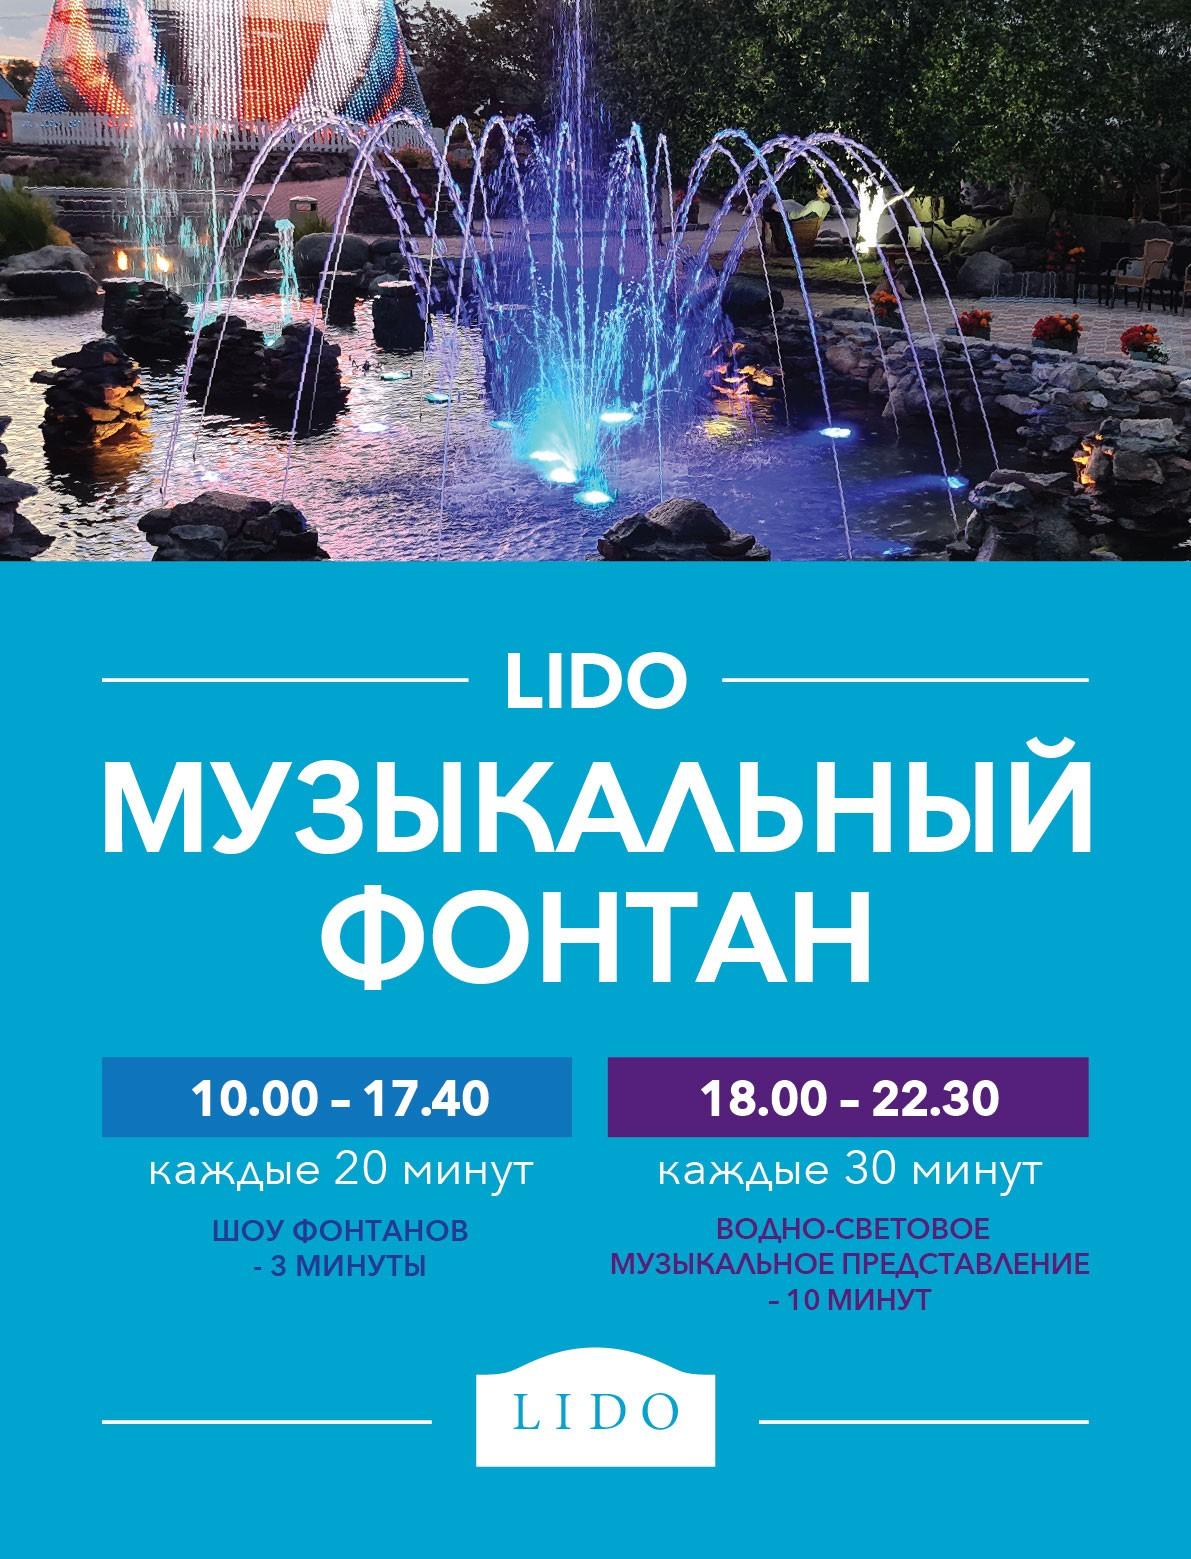 Struklaka-LIDO-WEB--07.2020-RU.jpg